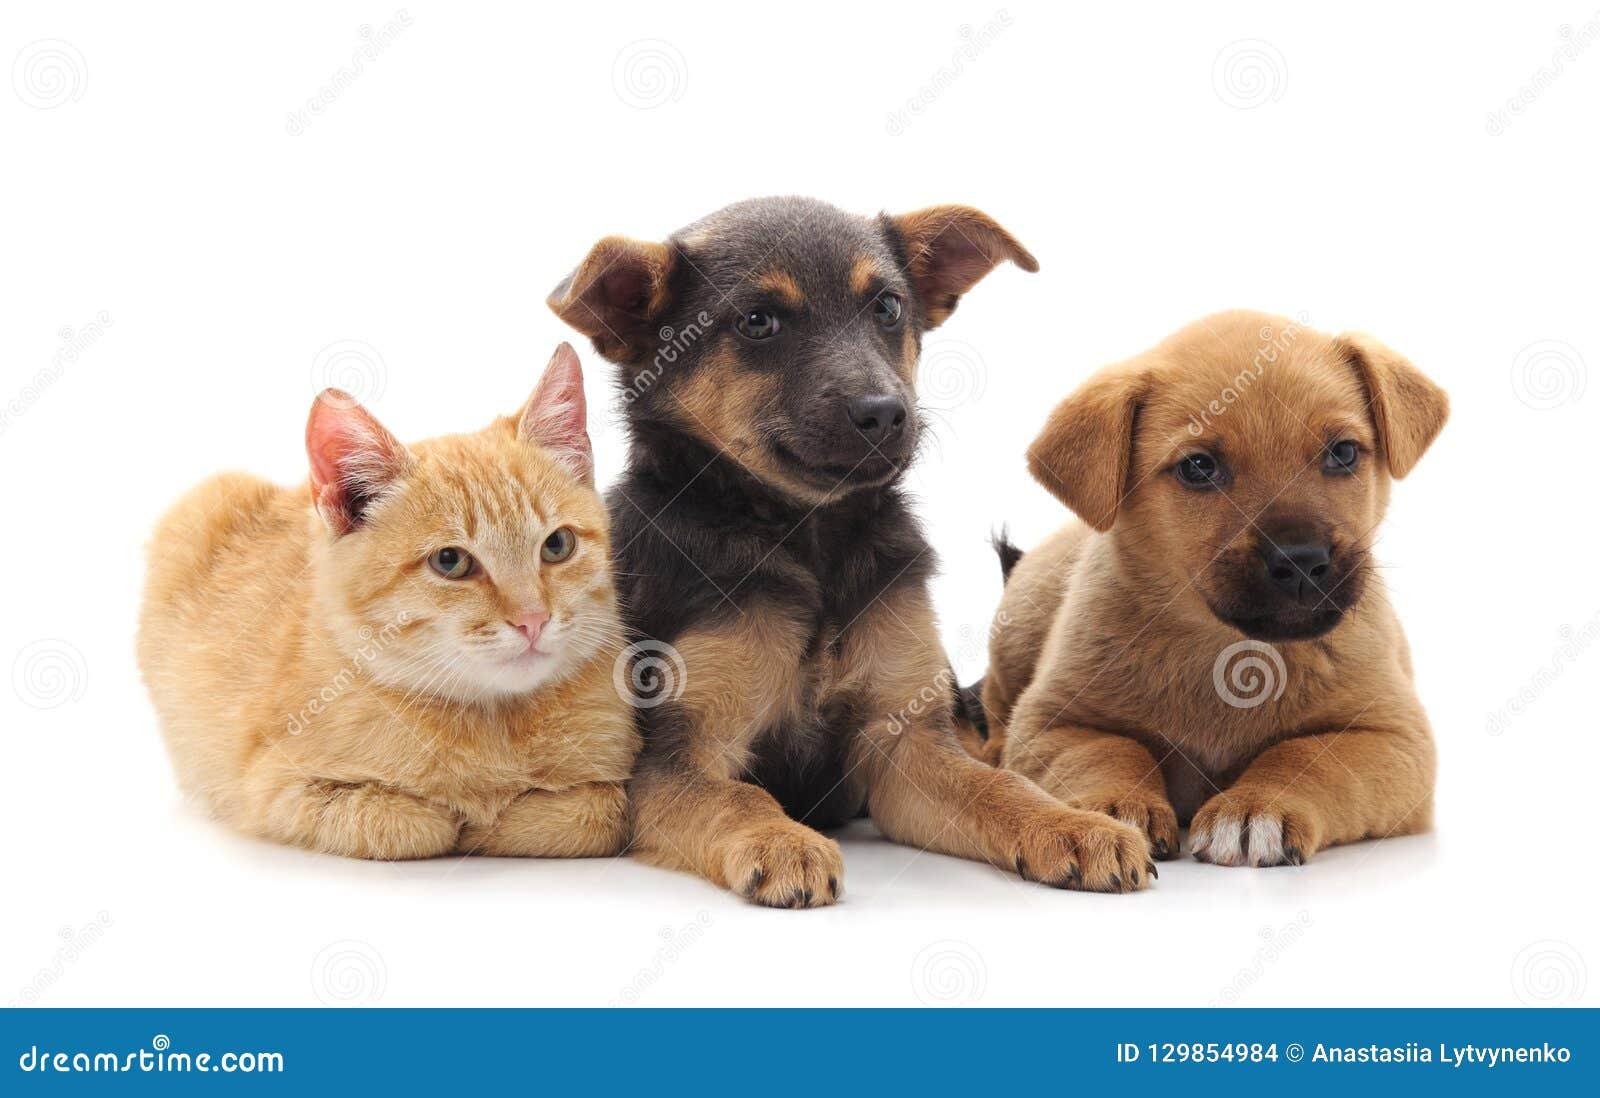 2 собаки и кот